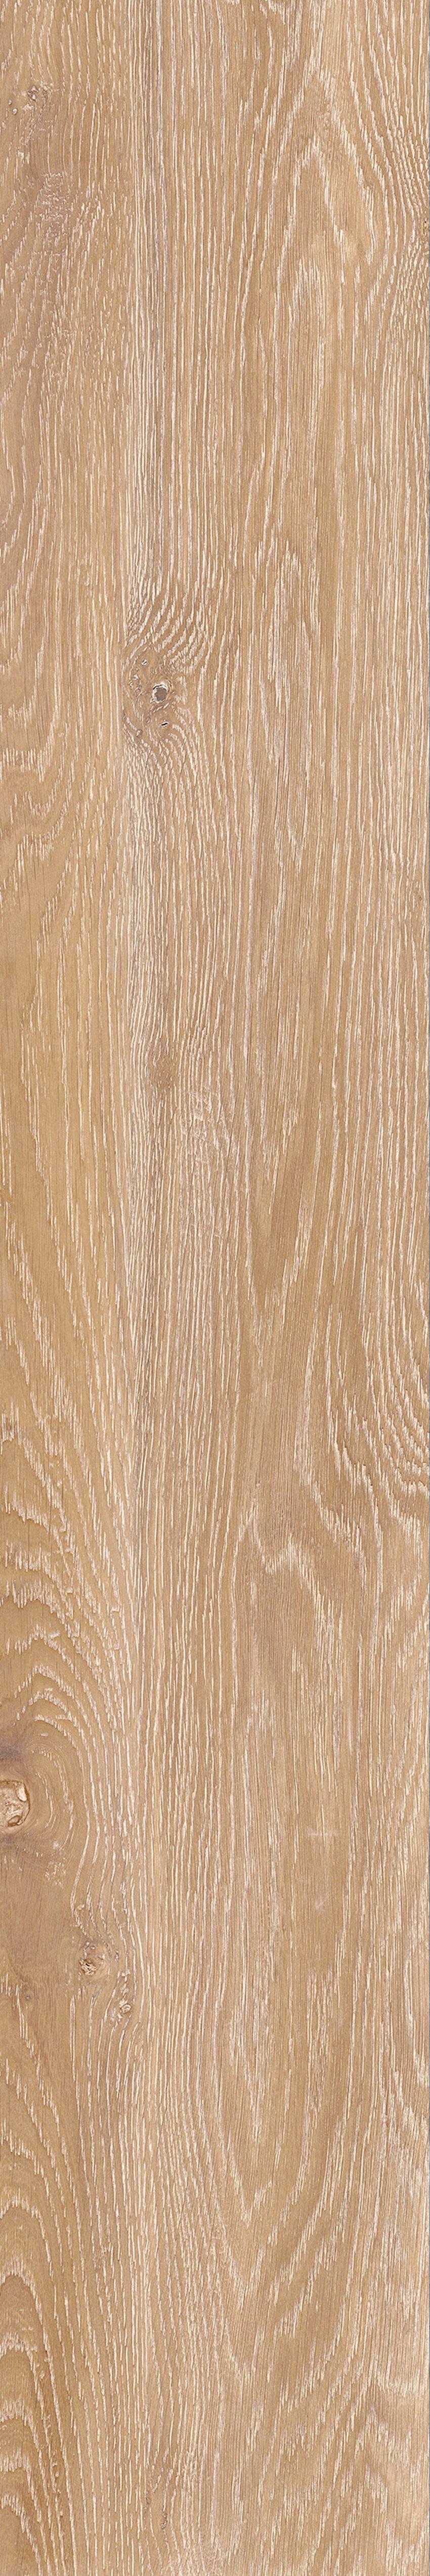 Płytka ścienno-podłogowa Cerrad Libero beige 46217 4